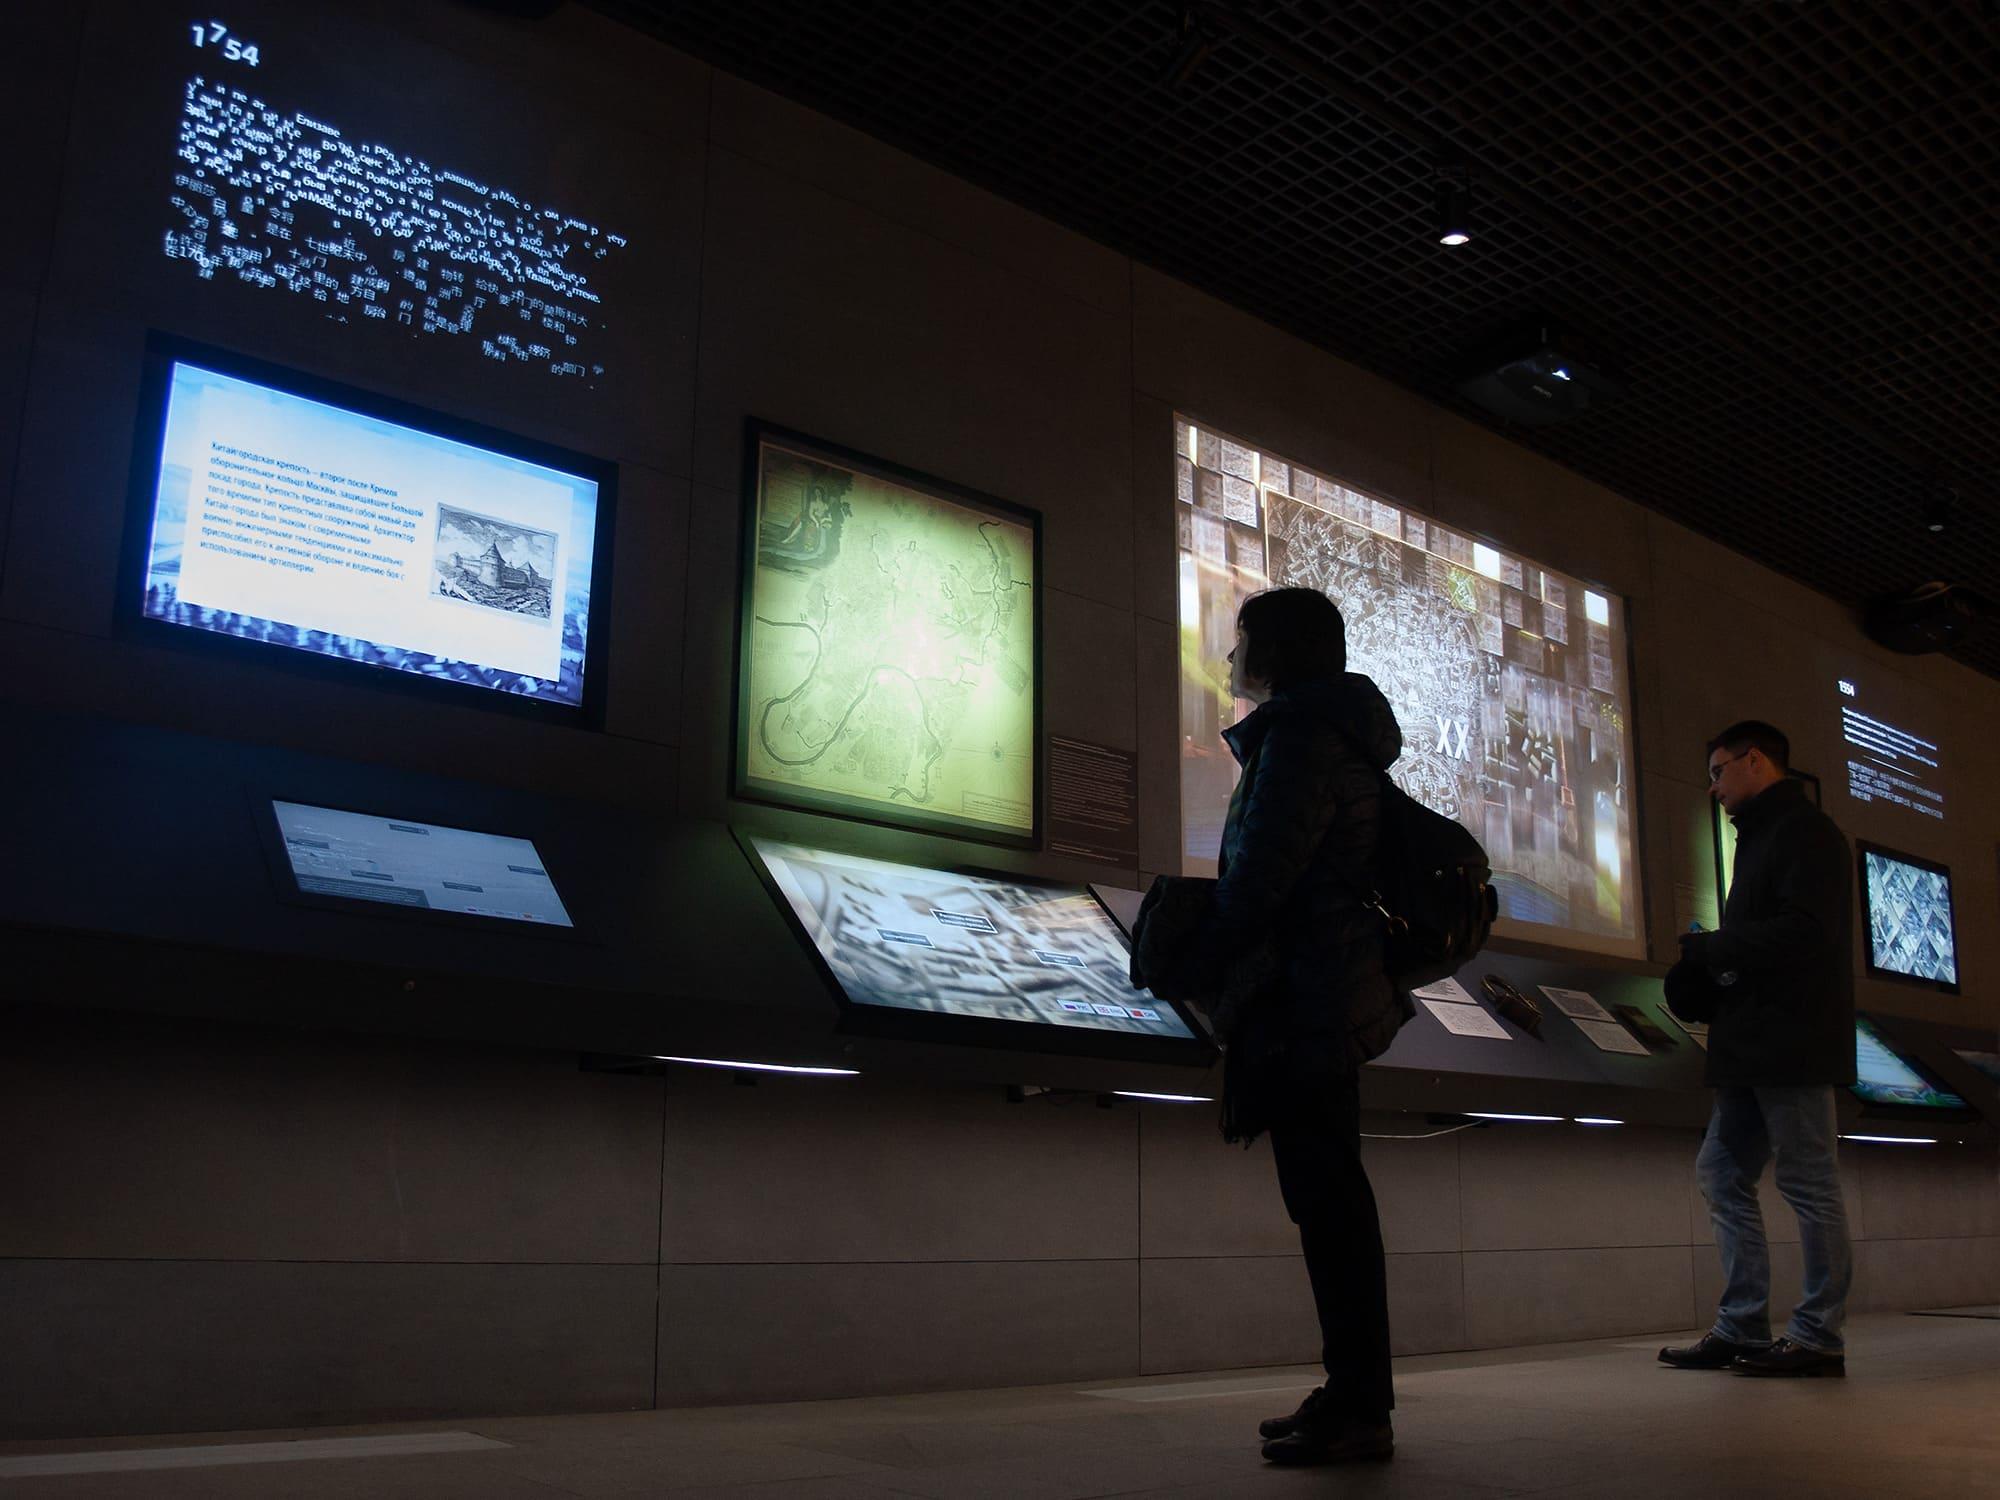 Интерактивные дисплеи в Подземном парке Зарядье